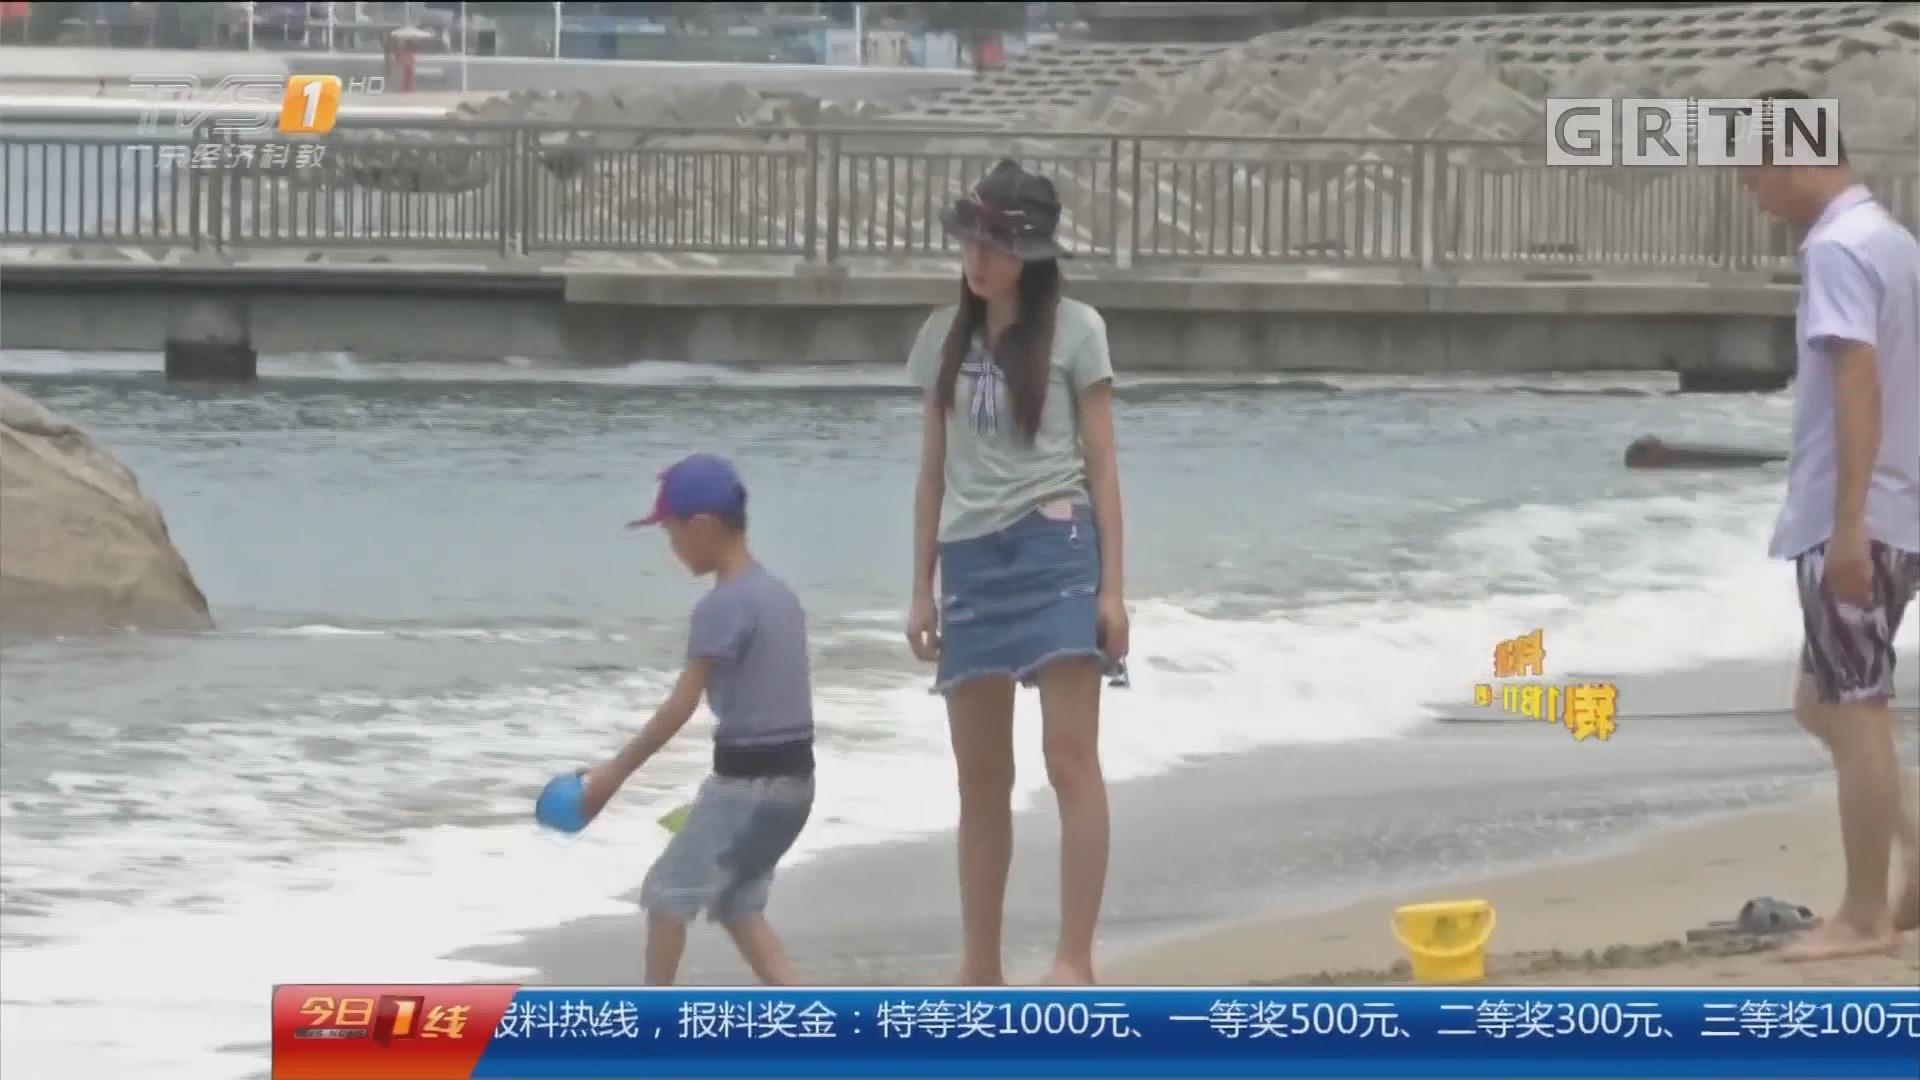 深圳大小梅沙:逢假必堵?今天通行很顺畅!